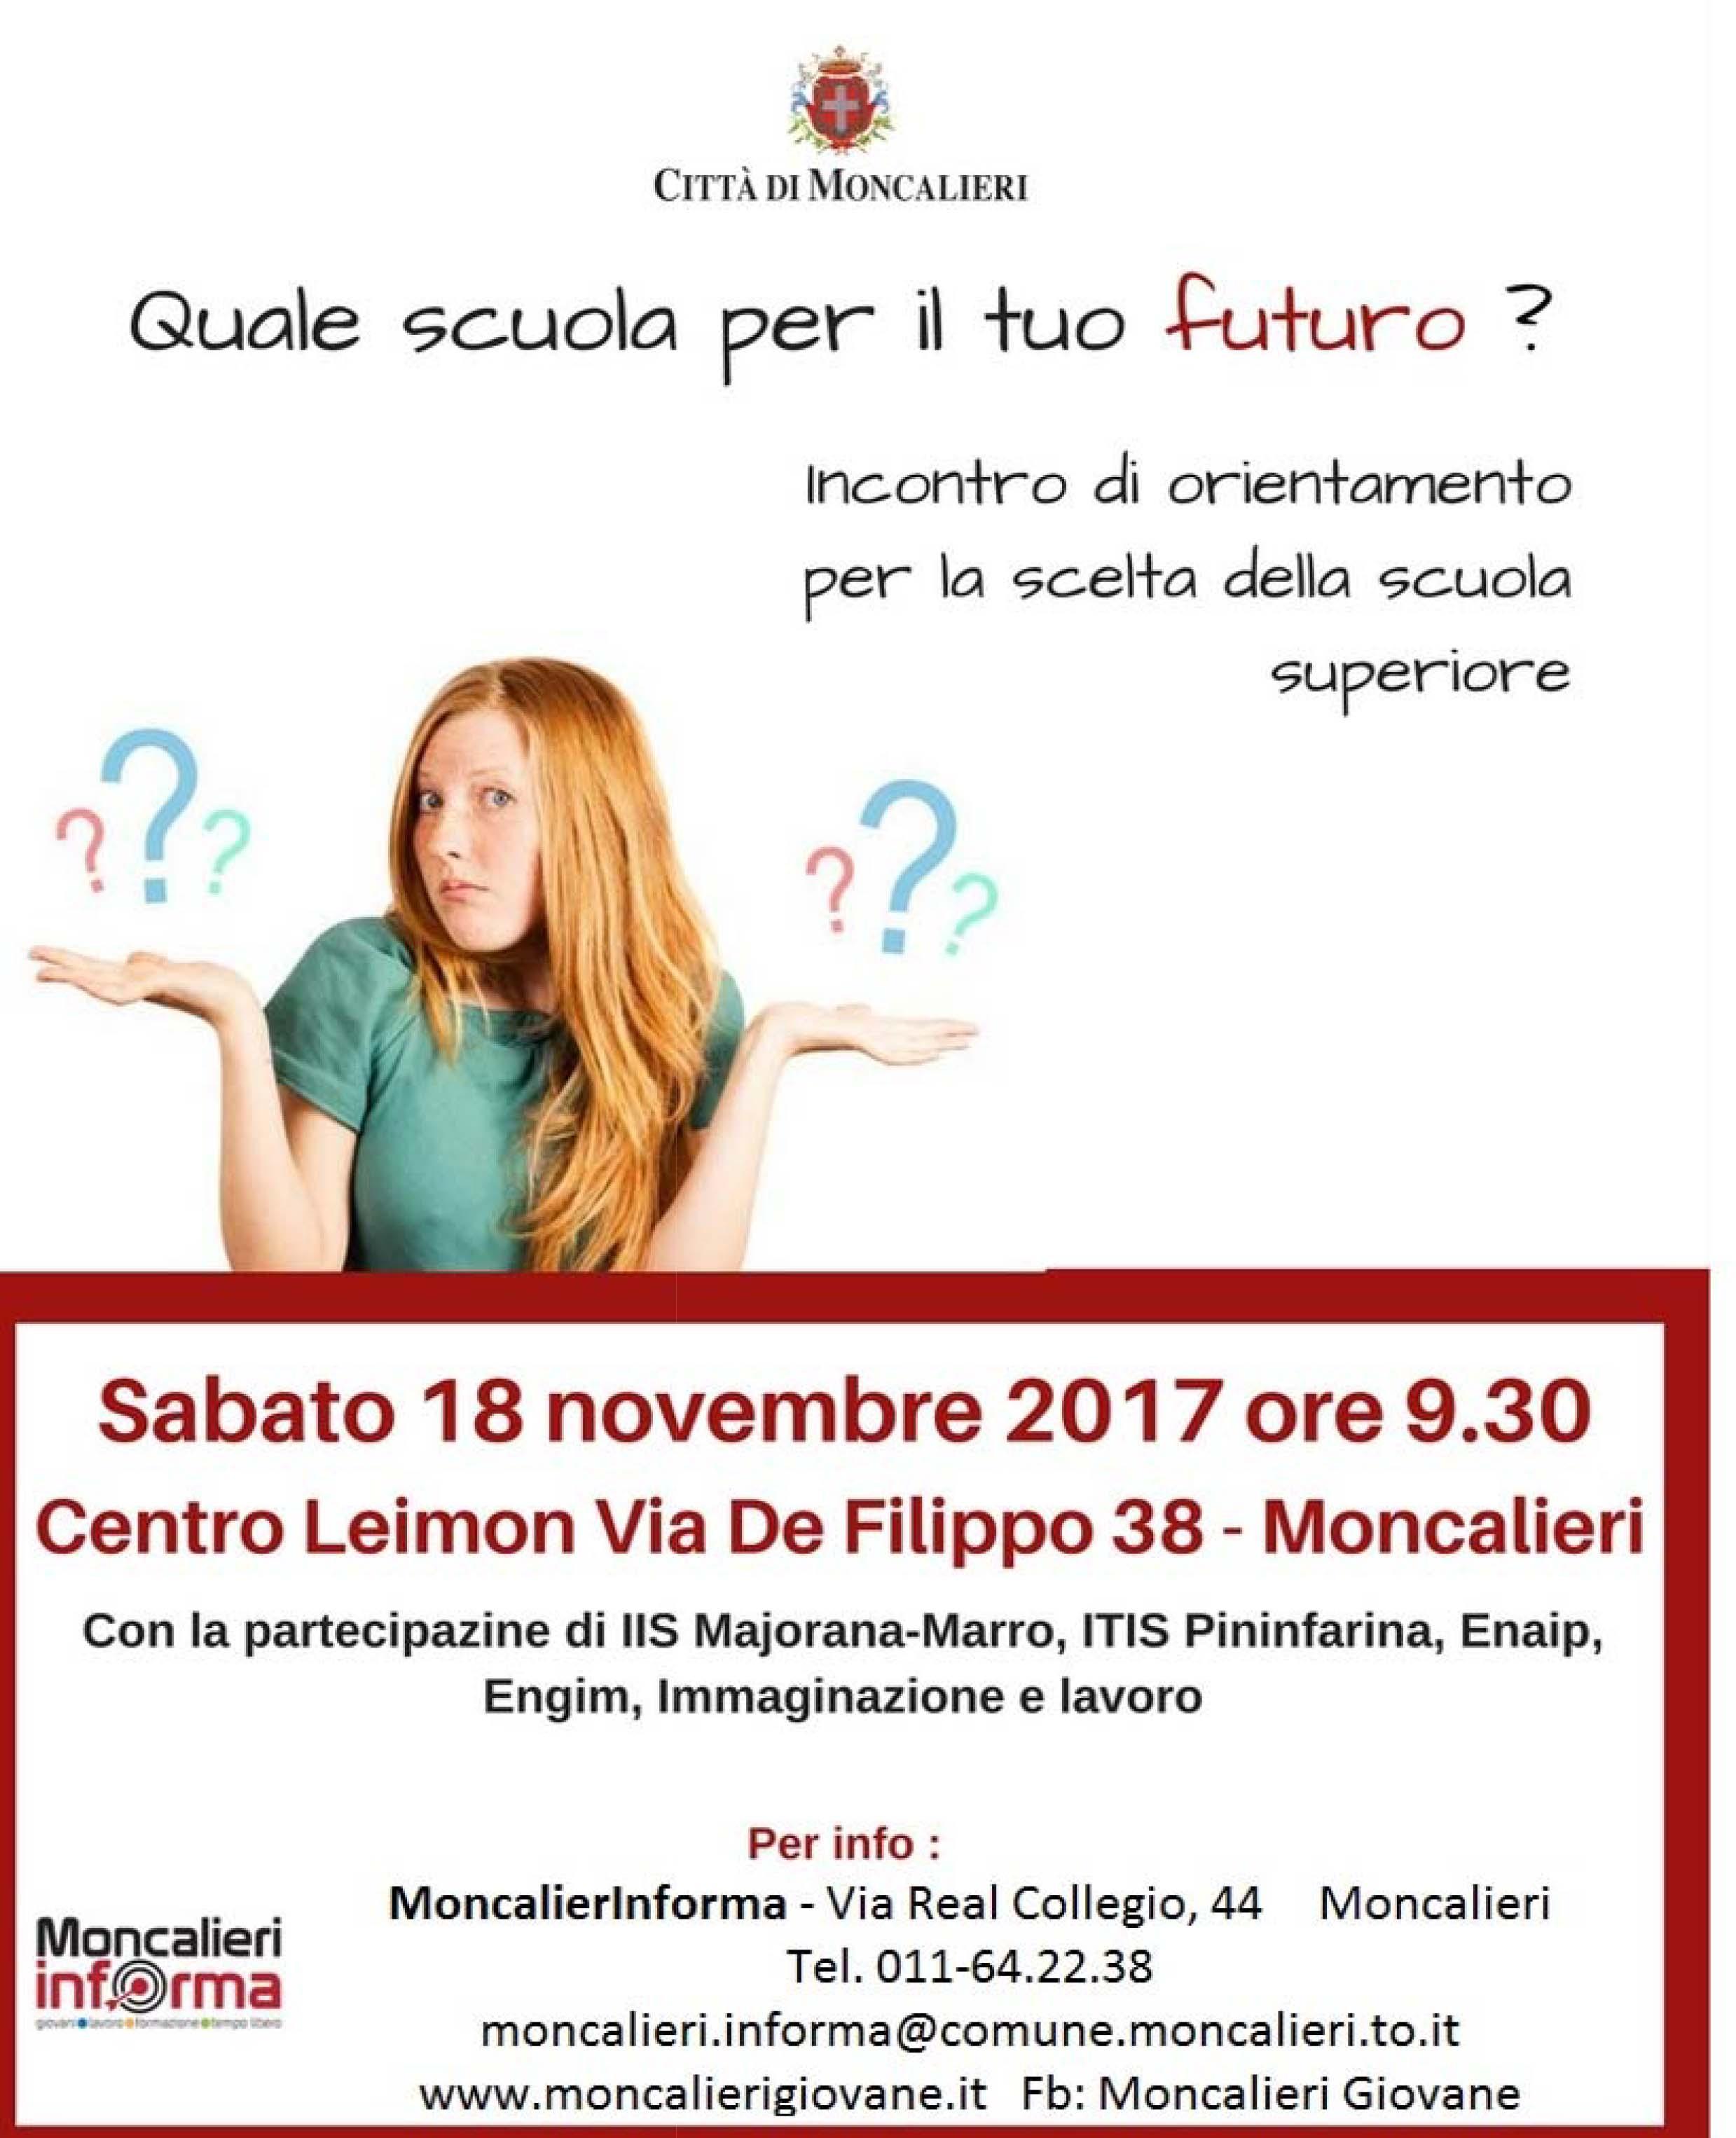 Studiare a Moncalieri